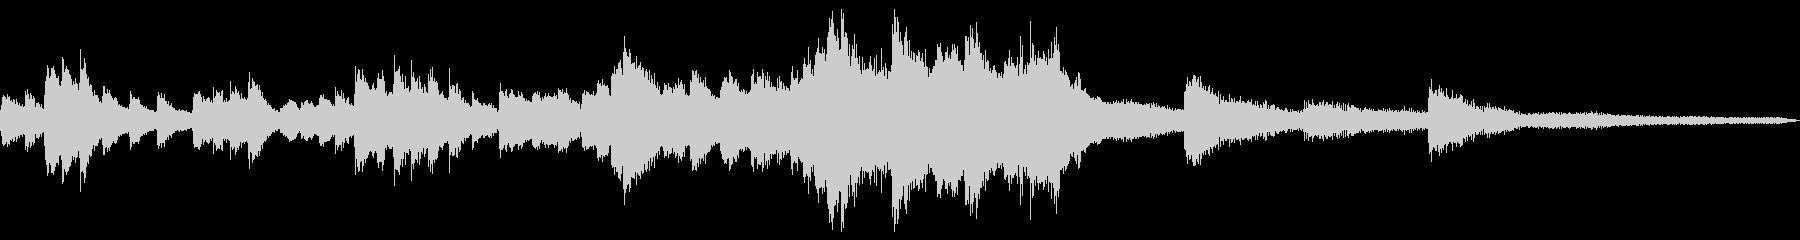 夜景のための和風ジングル16-ピアノソロの未再生の波形